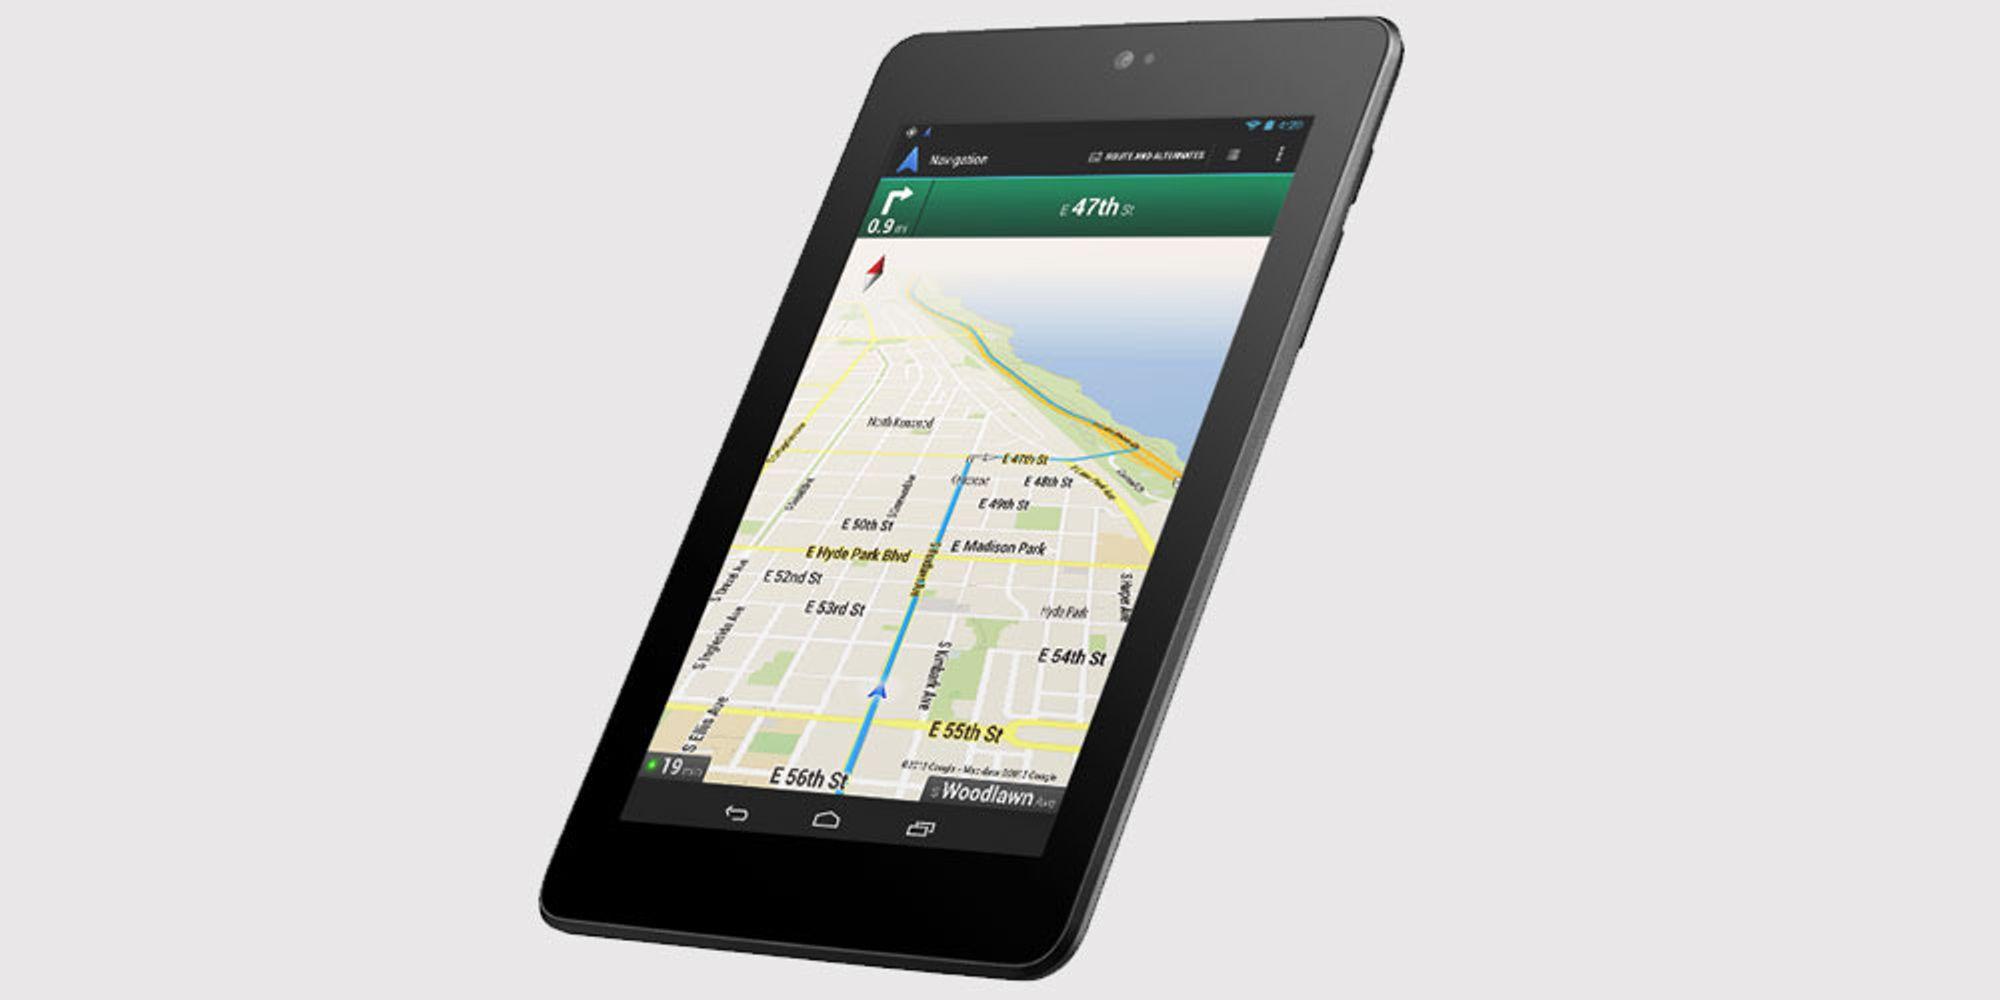 TEST: Ny Nexus 7 neste måned?